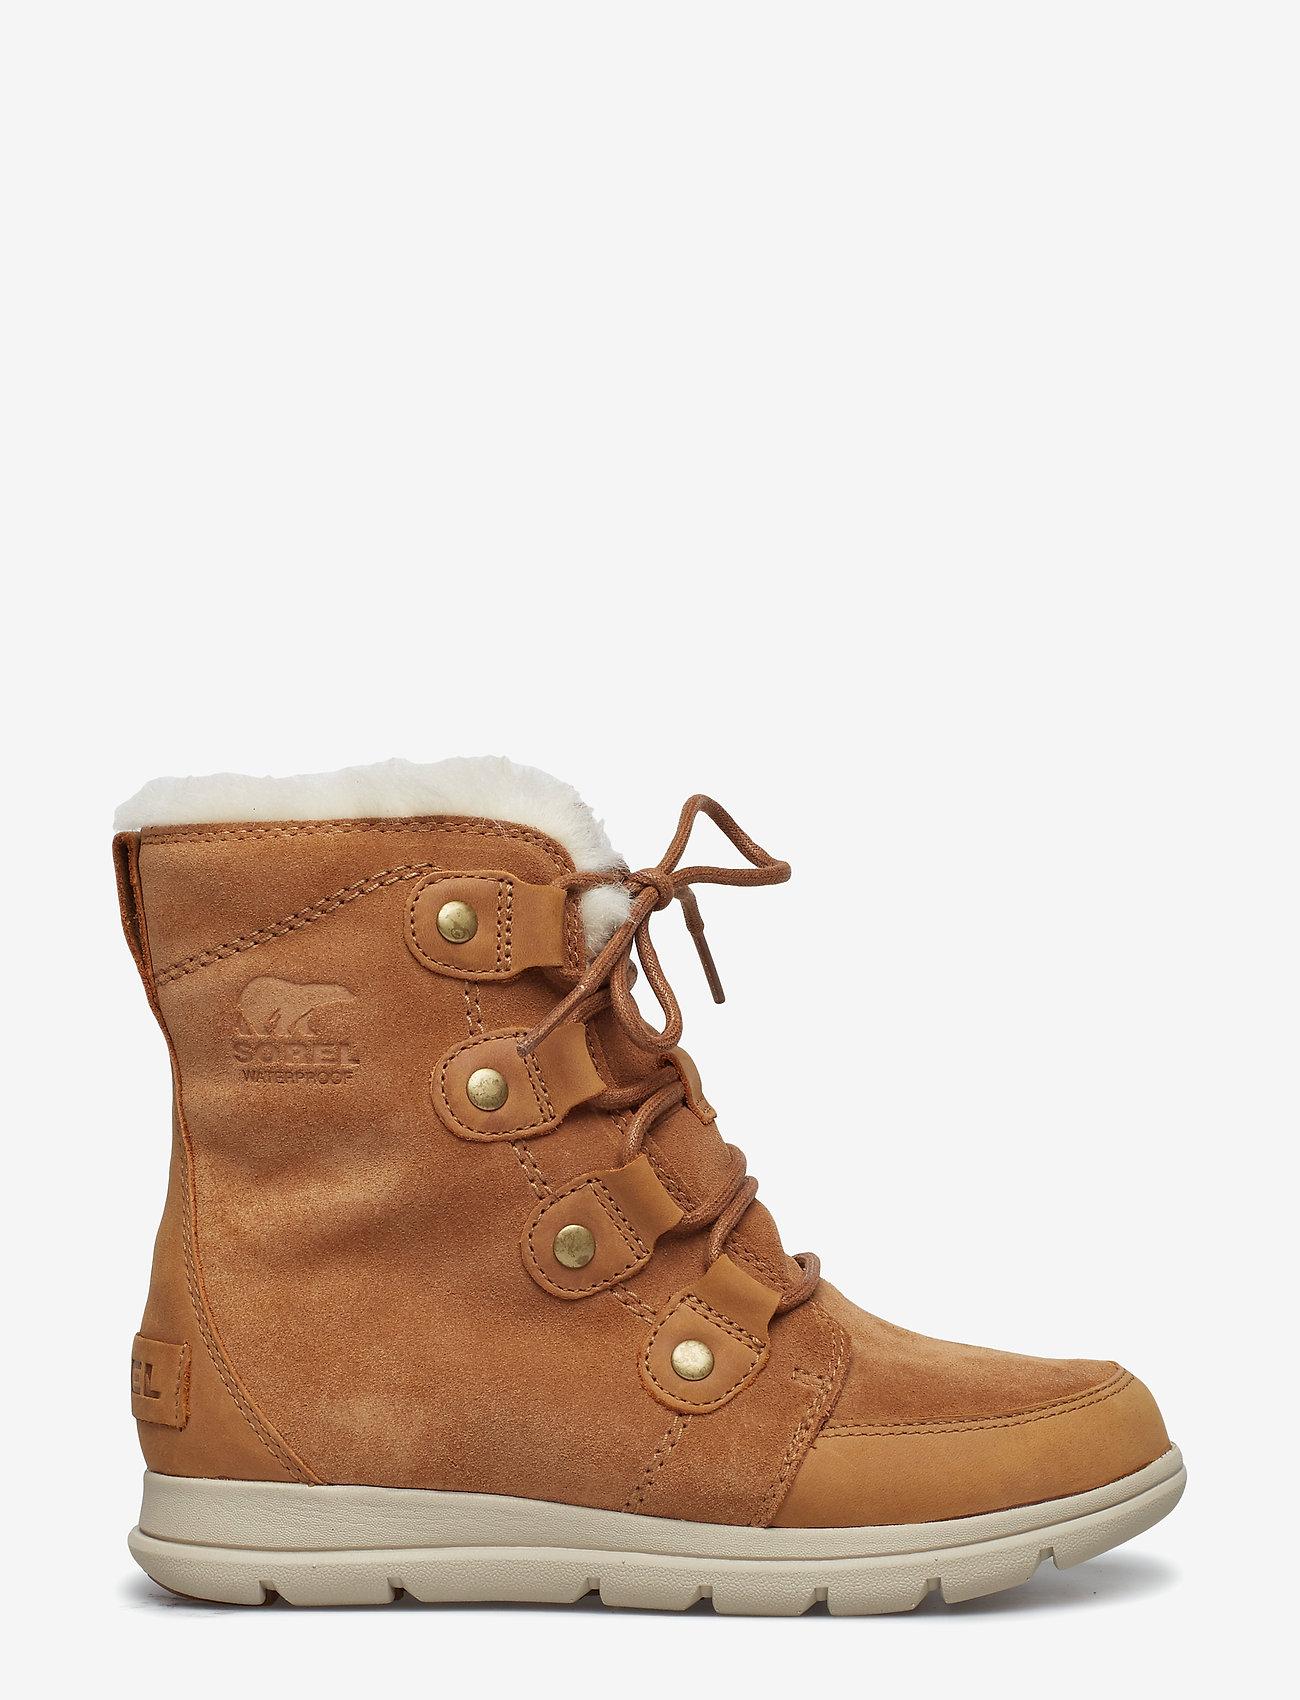 Sorel - SOREL™ EXPLORER JOAN - flat ankle boots - camel brown, ancient fossil - 1